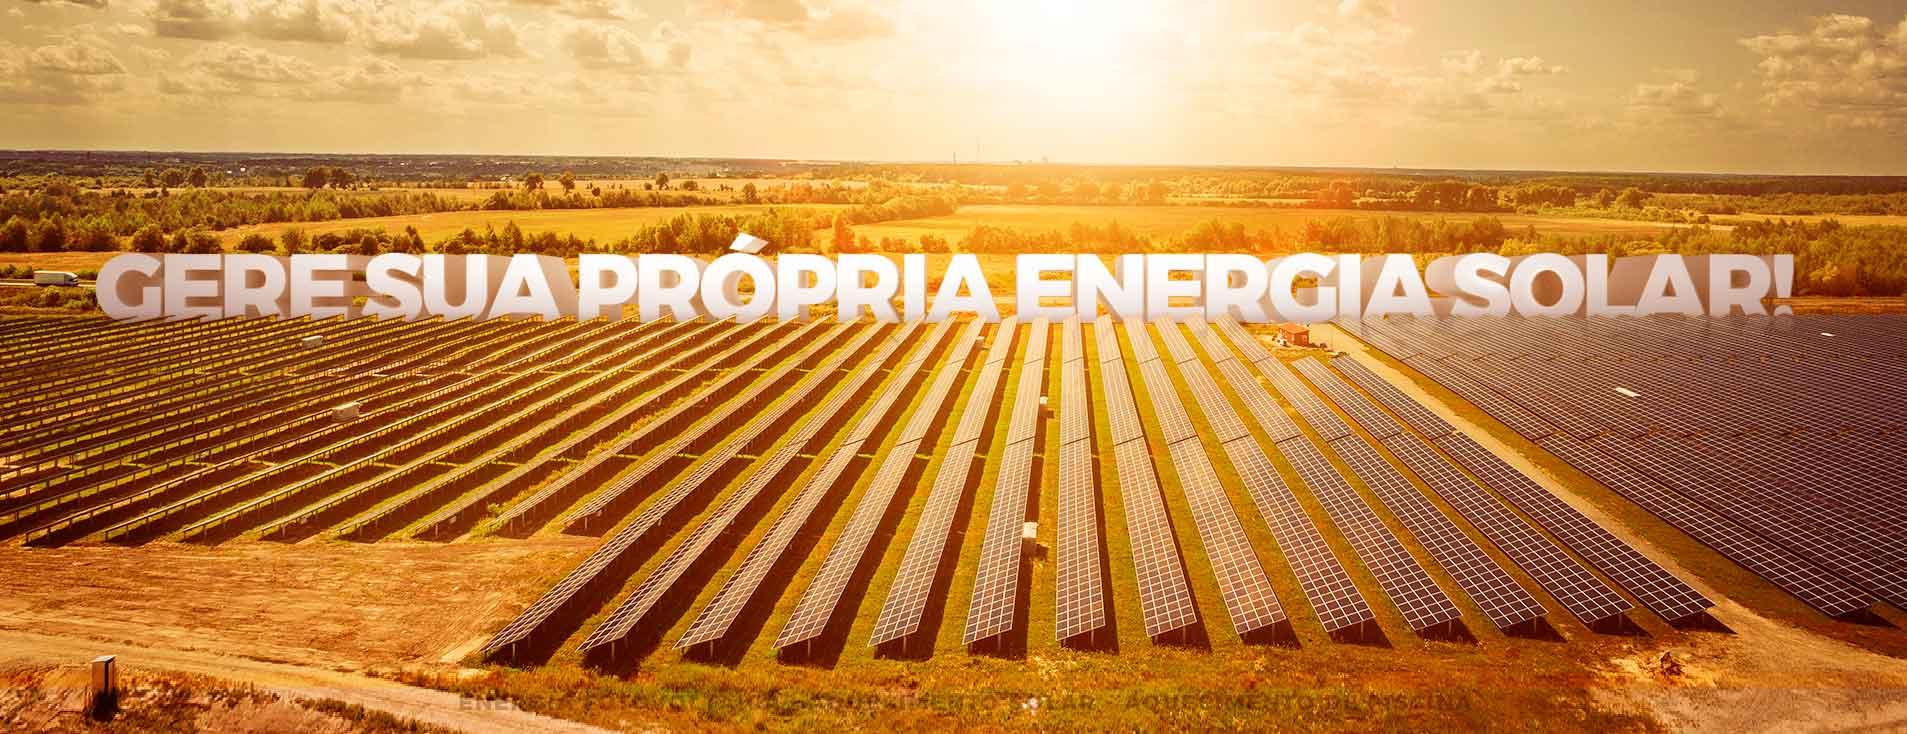 Gere sua própria energia solar